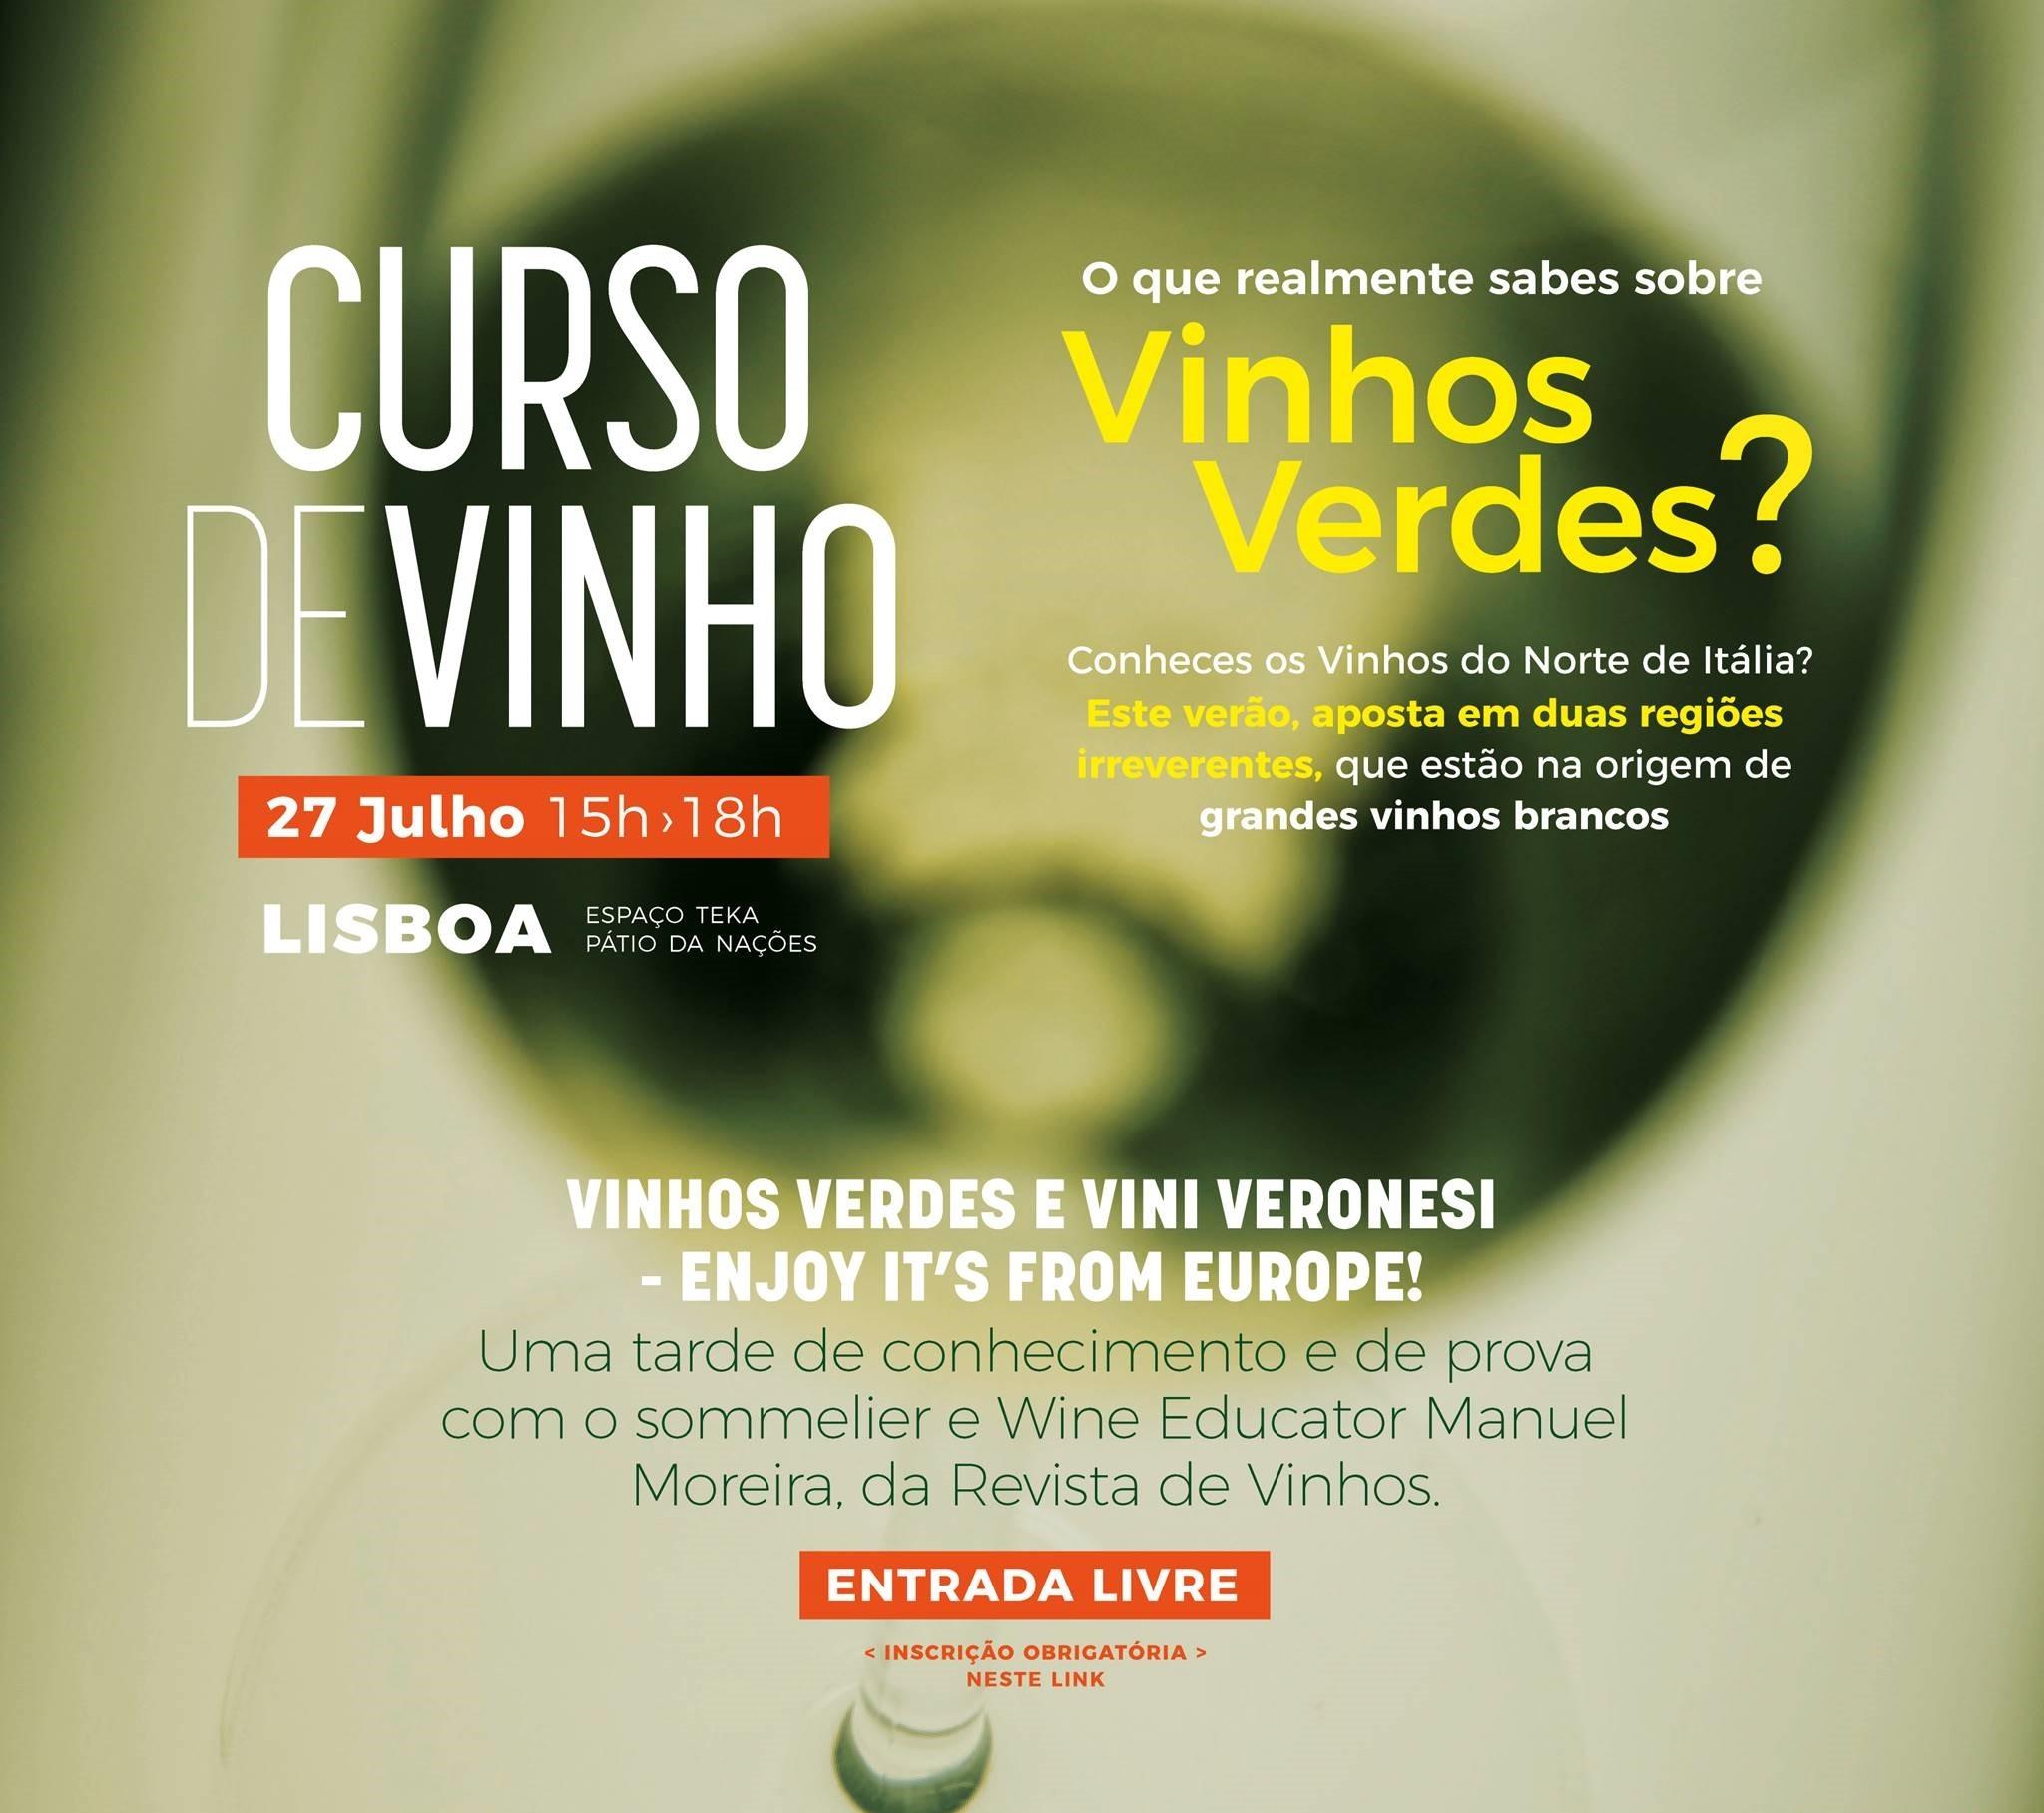 Essencia do Vinho_Vinho Verde_Prova_Lisboa